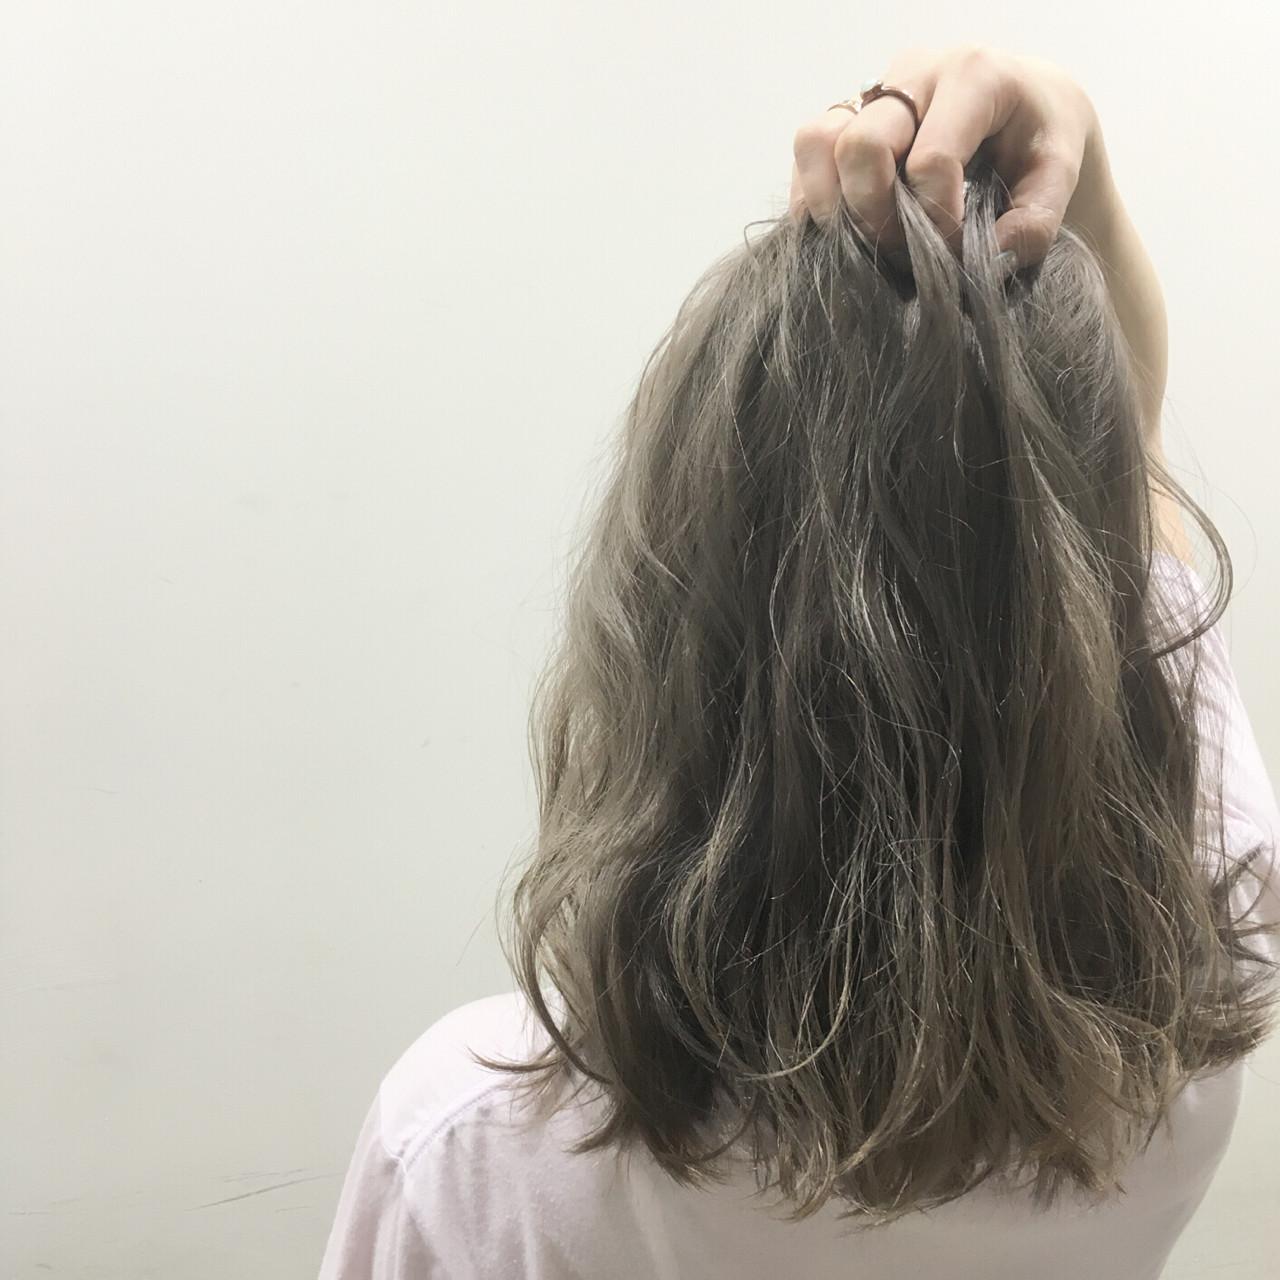 グラデーションカラー ミディアム ブラウン 外国人風ヘアスタイルや髪型の写真・画像